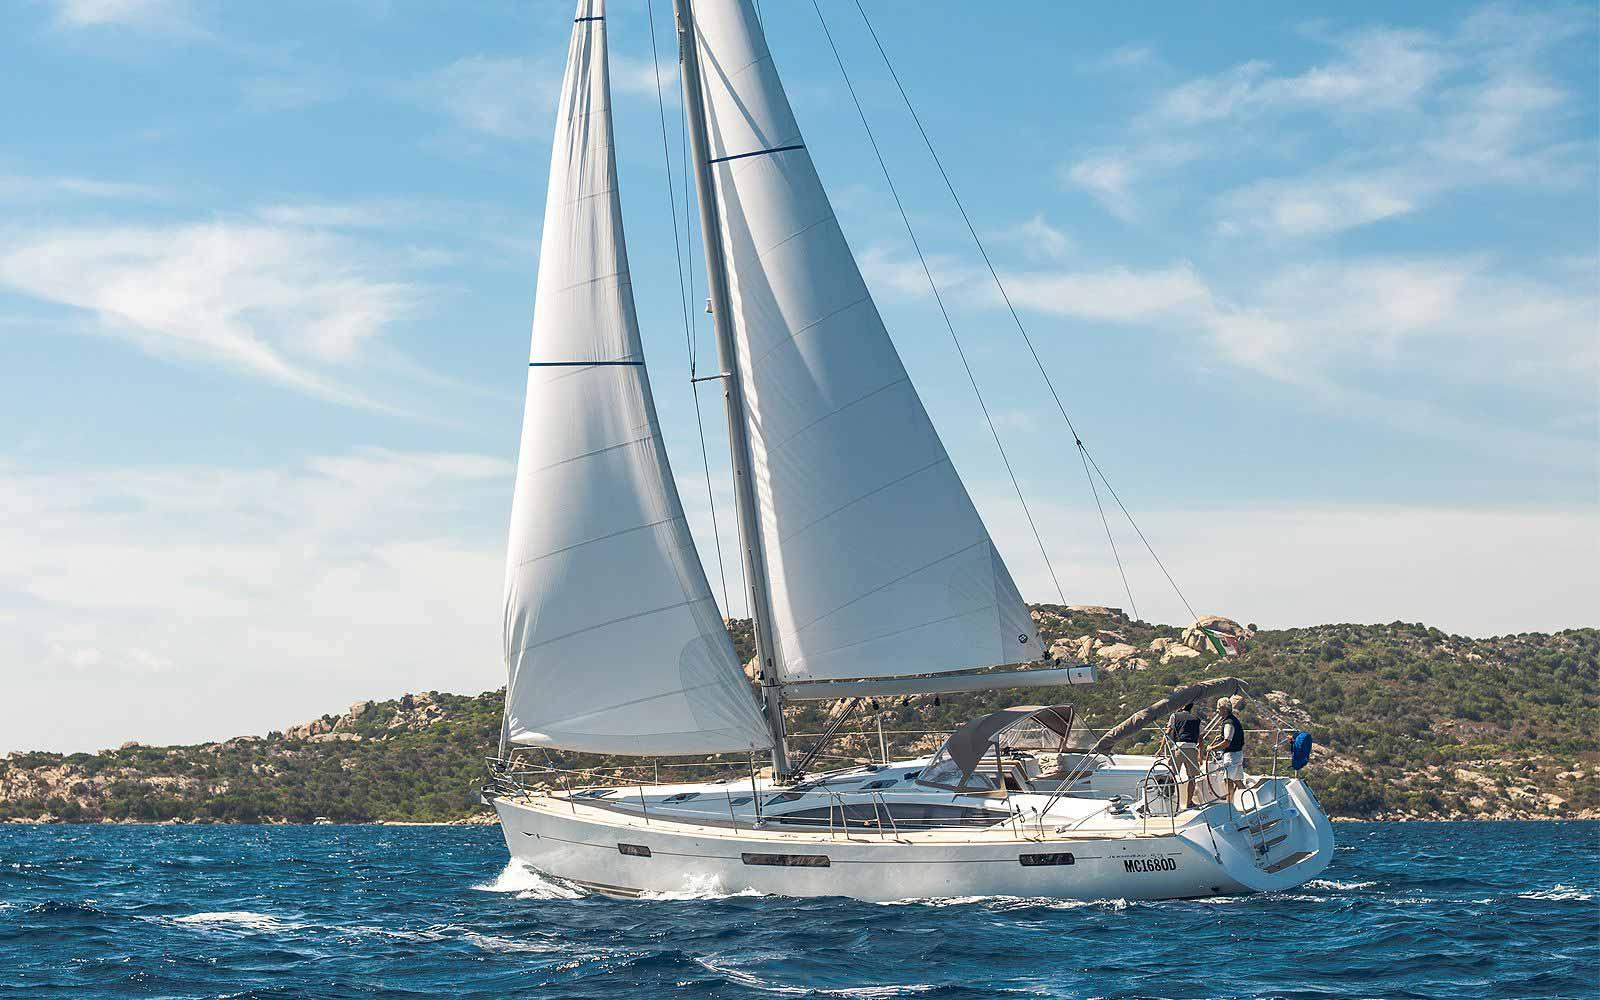 The Hotel Relais Villa Del Golfo & Spa's private sailing yacht 'BonAria'